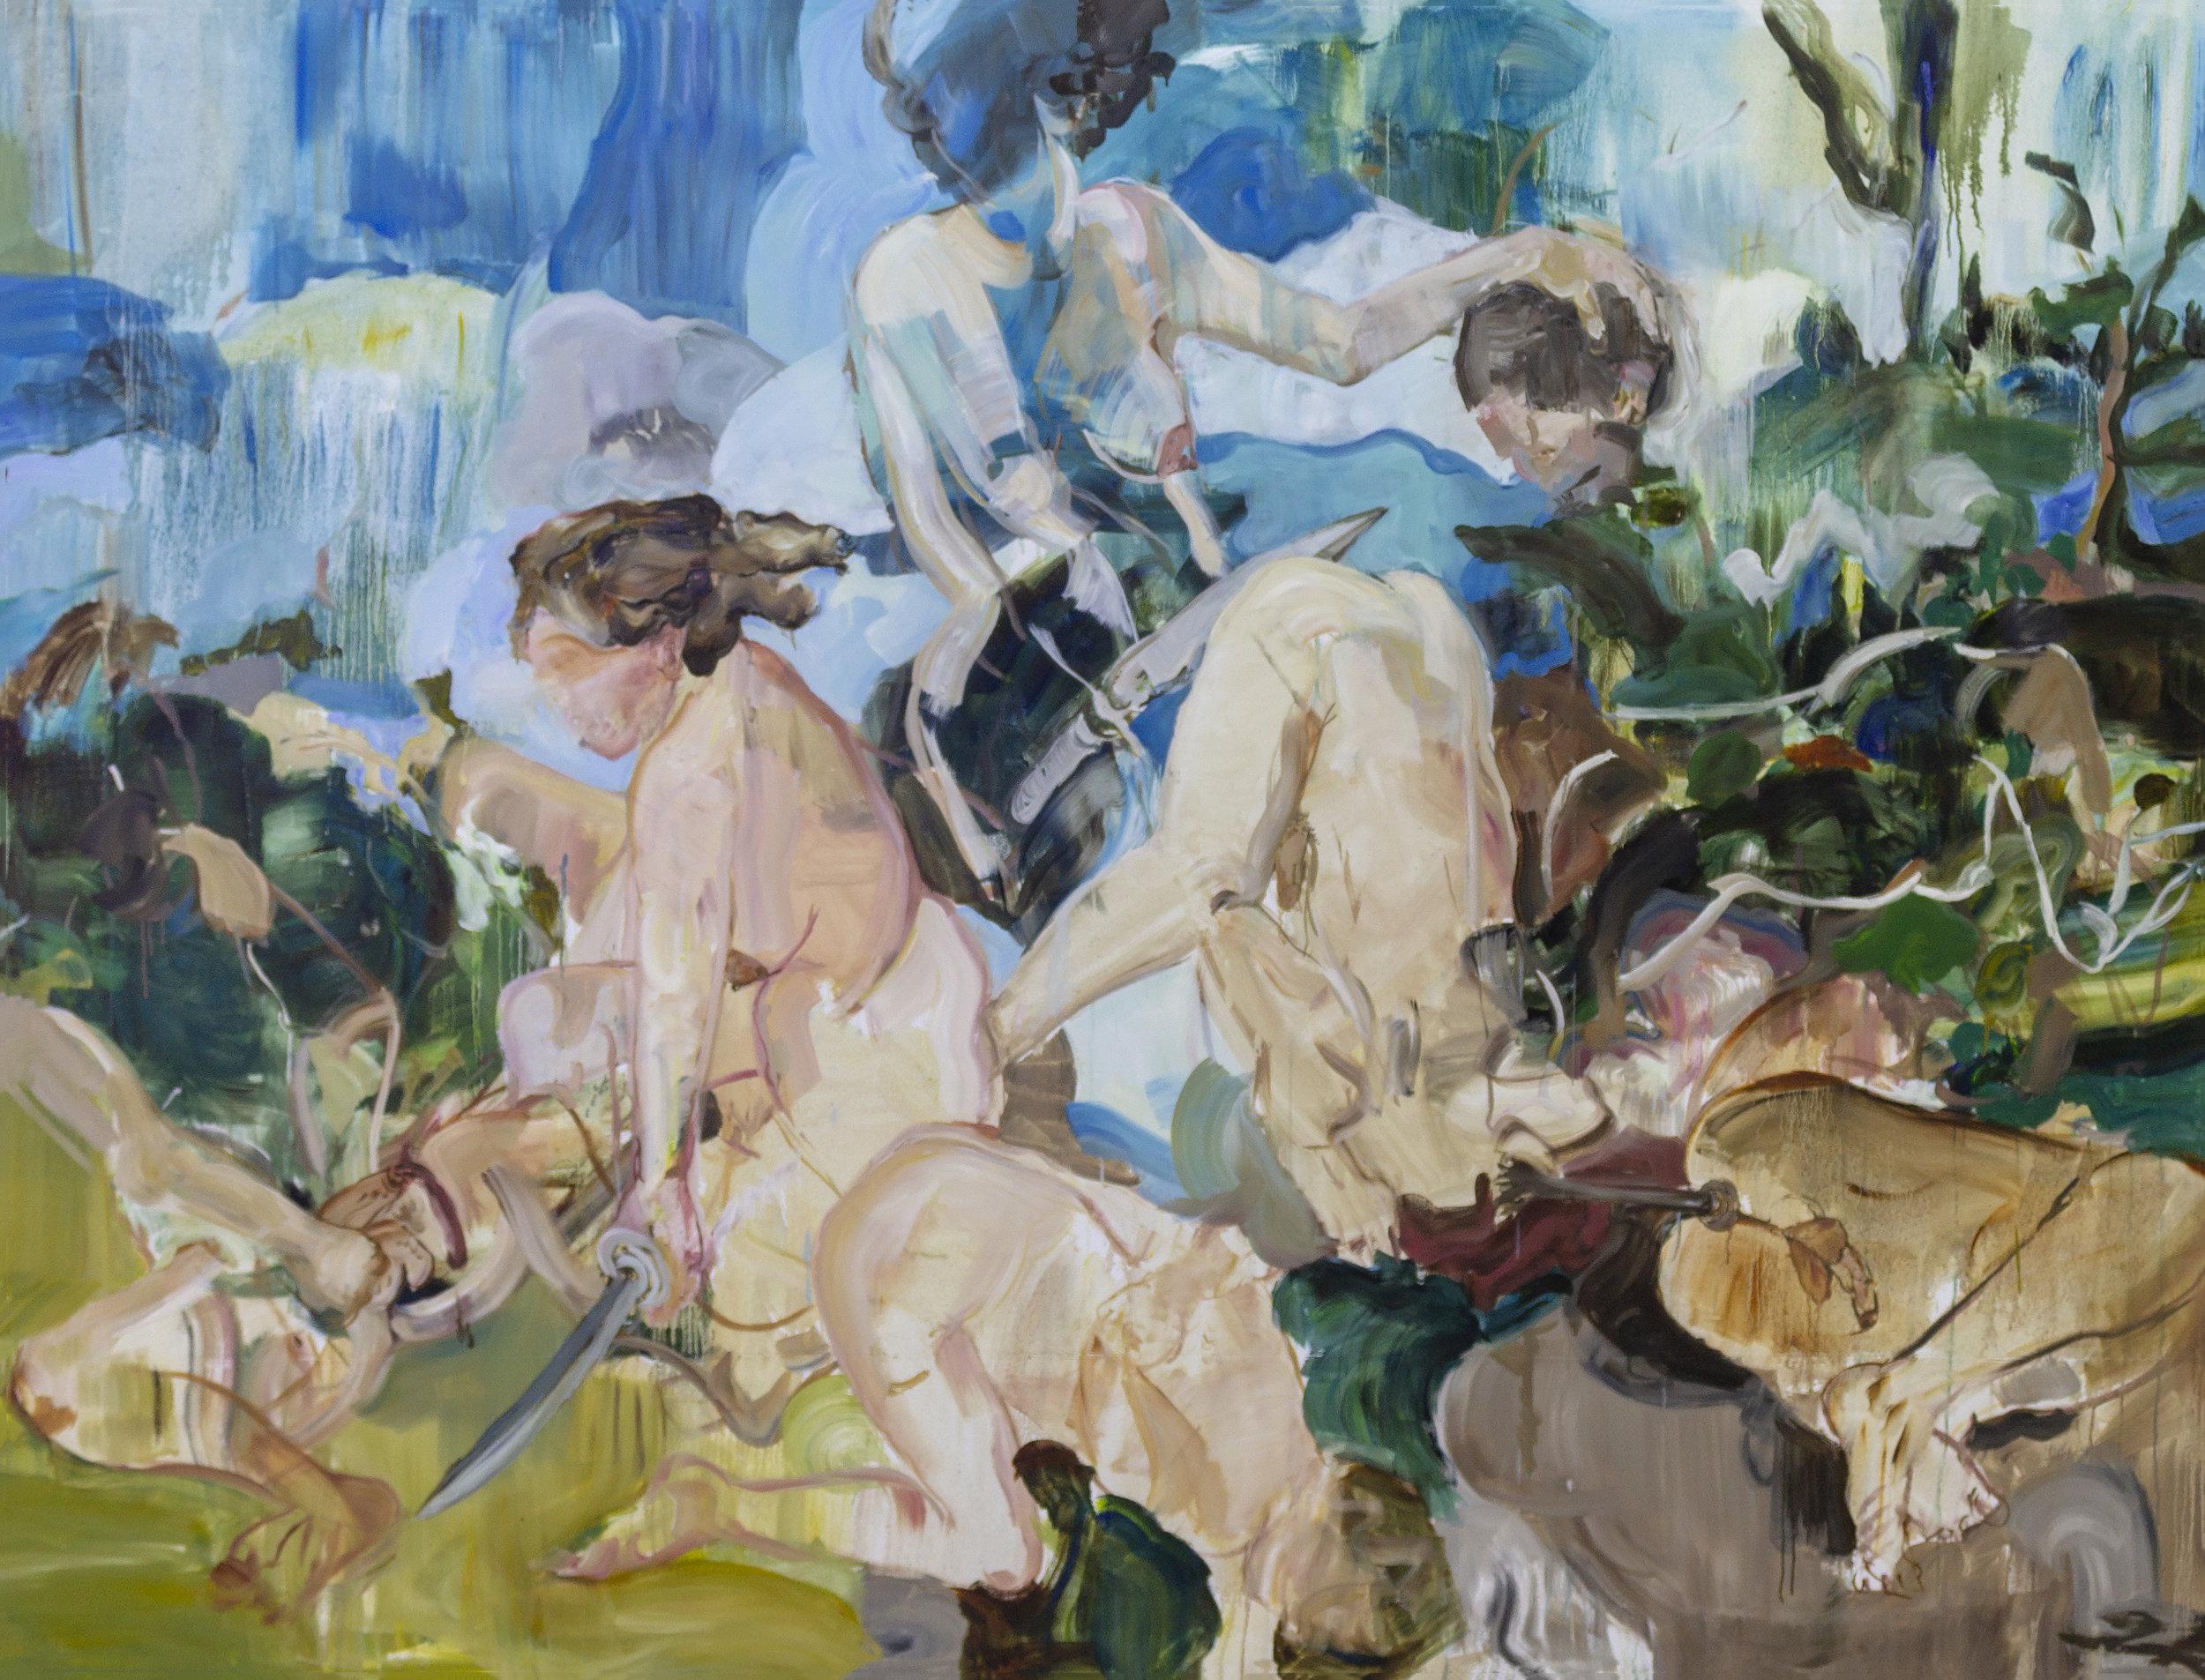 06_El rapto de las Sabinas_2019_Oil on canvas_250x190cm.jpg